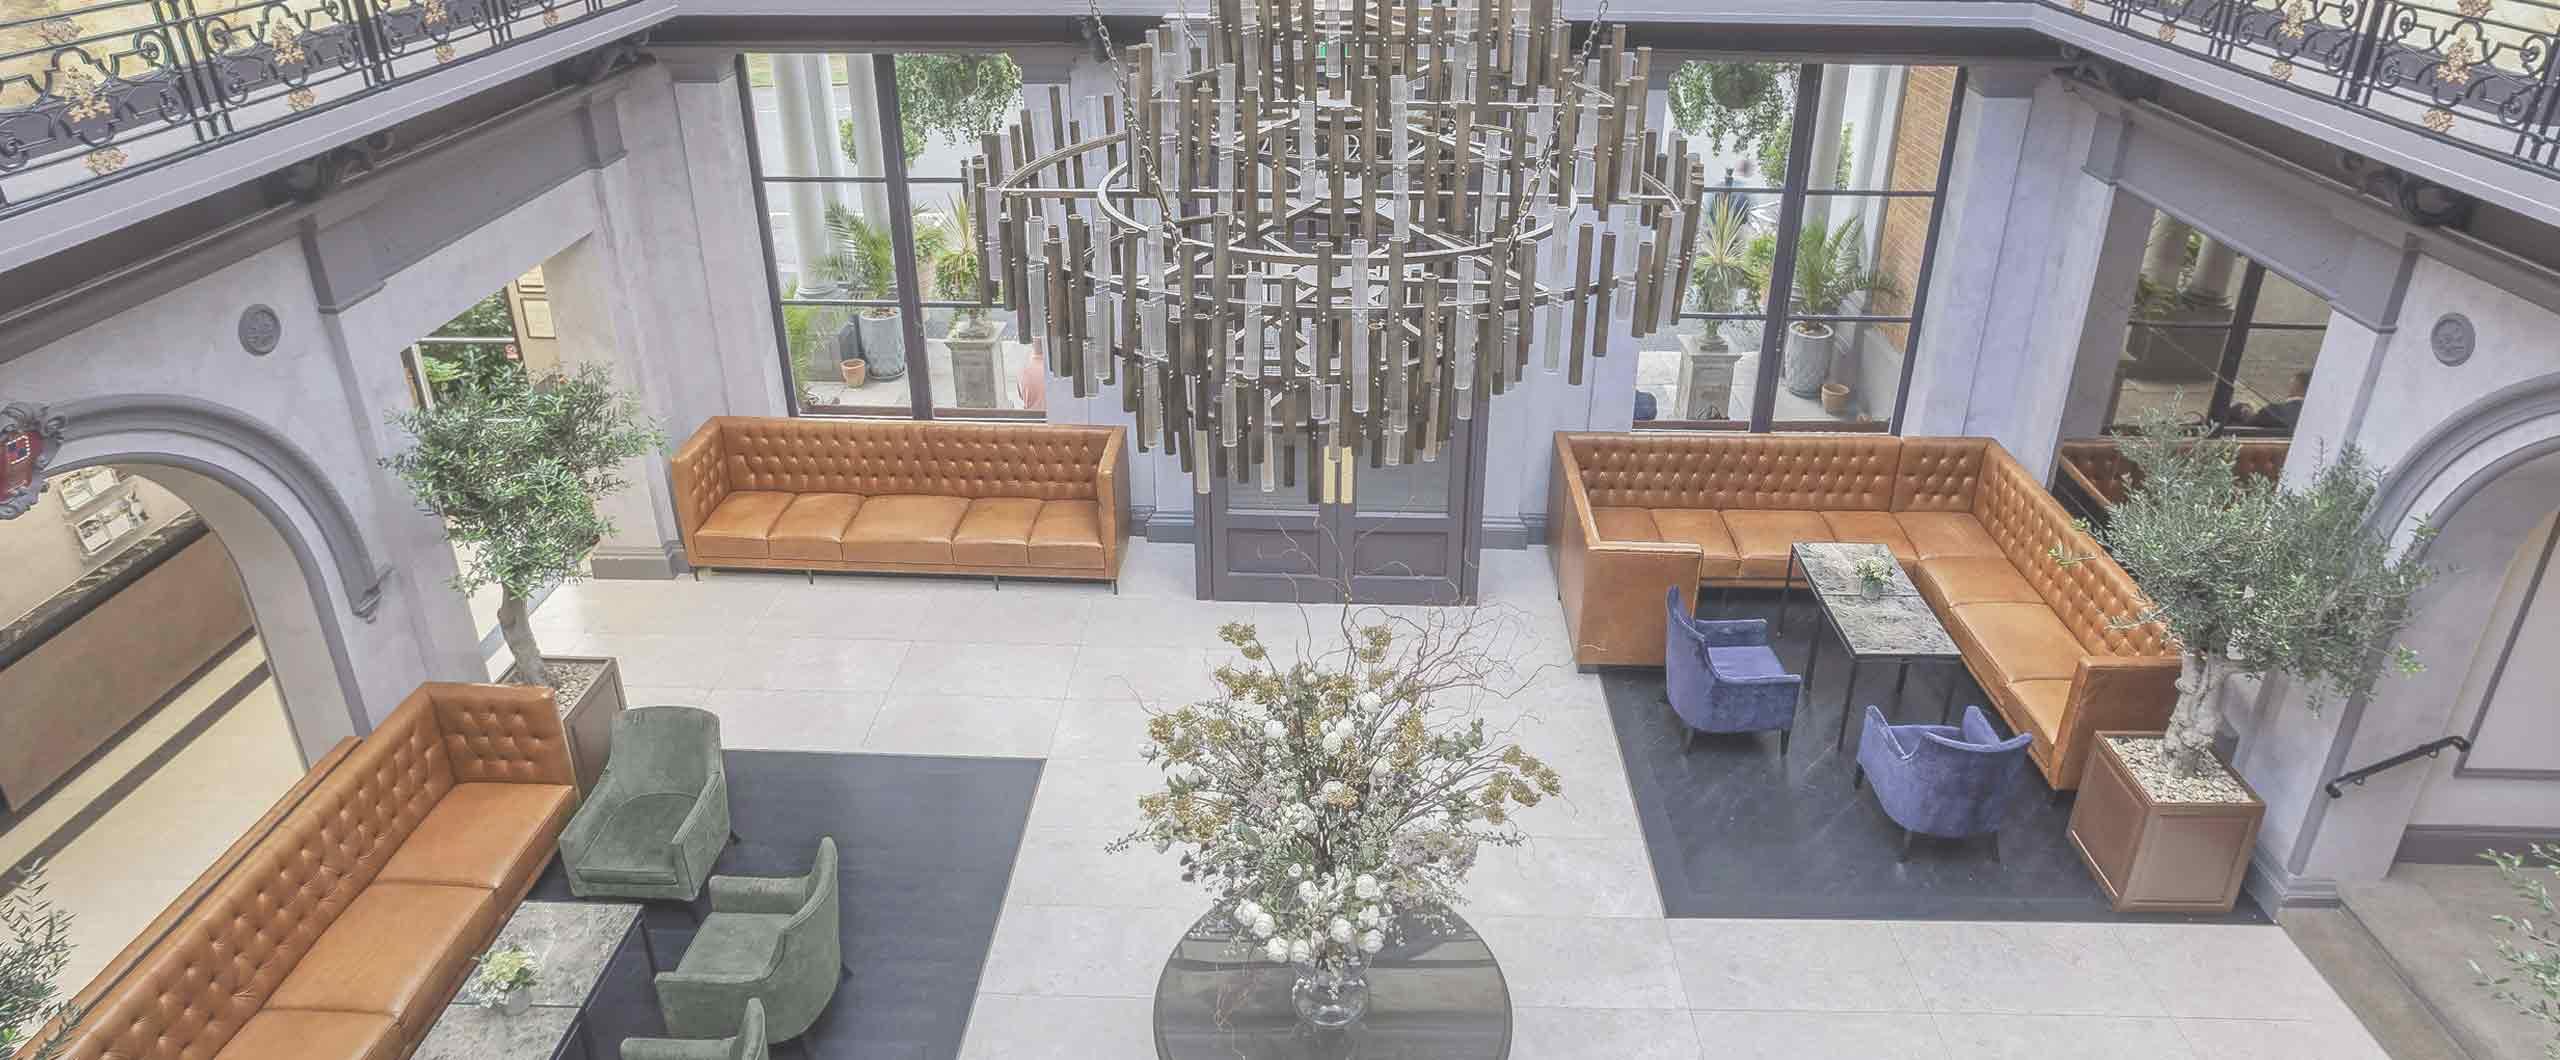 Oatlands Park Hotel foyer